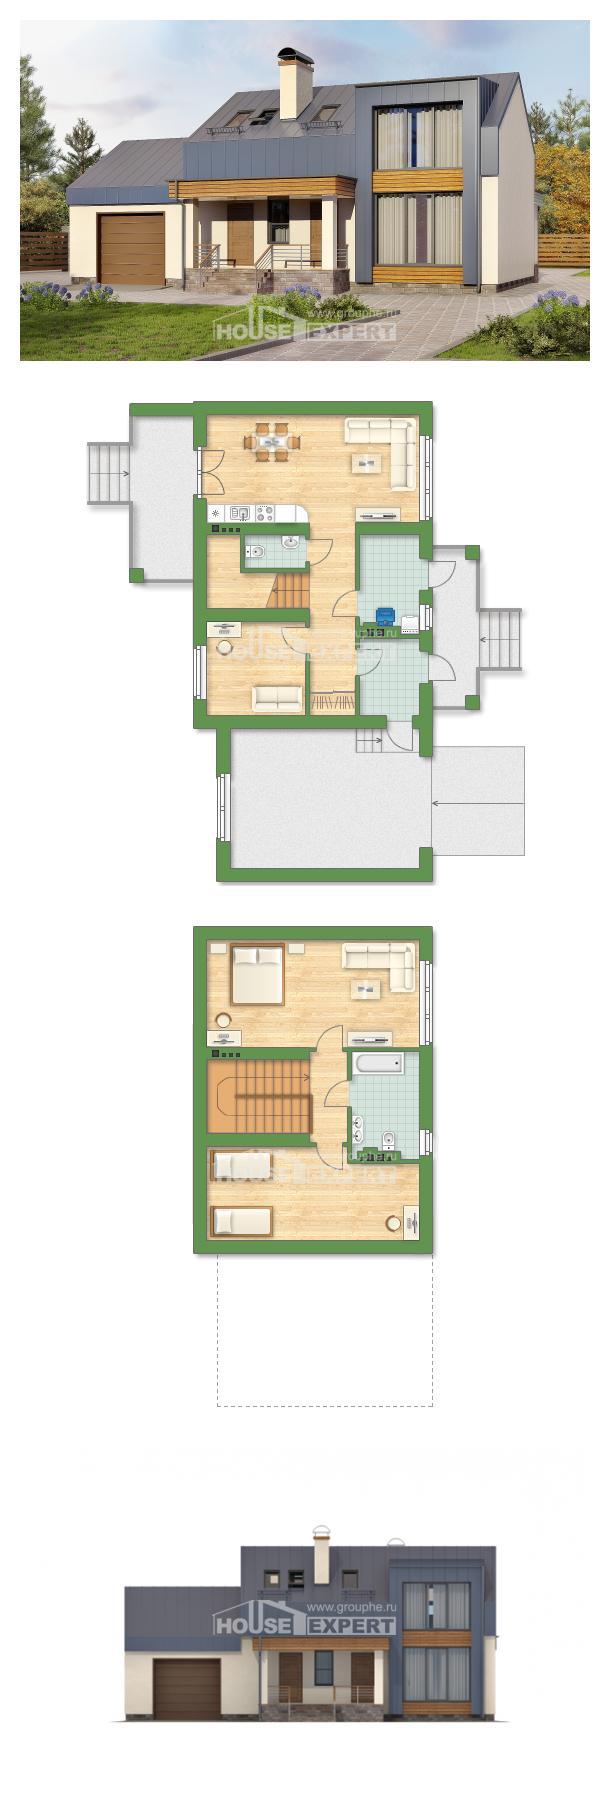 Проект дома 150-015-П   House Expert